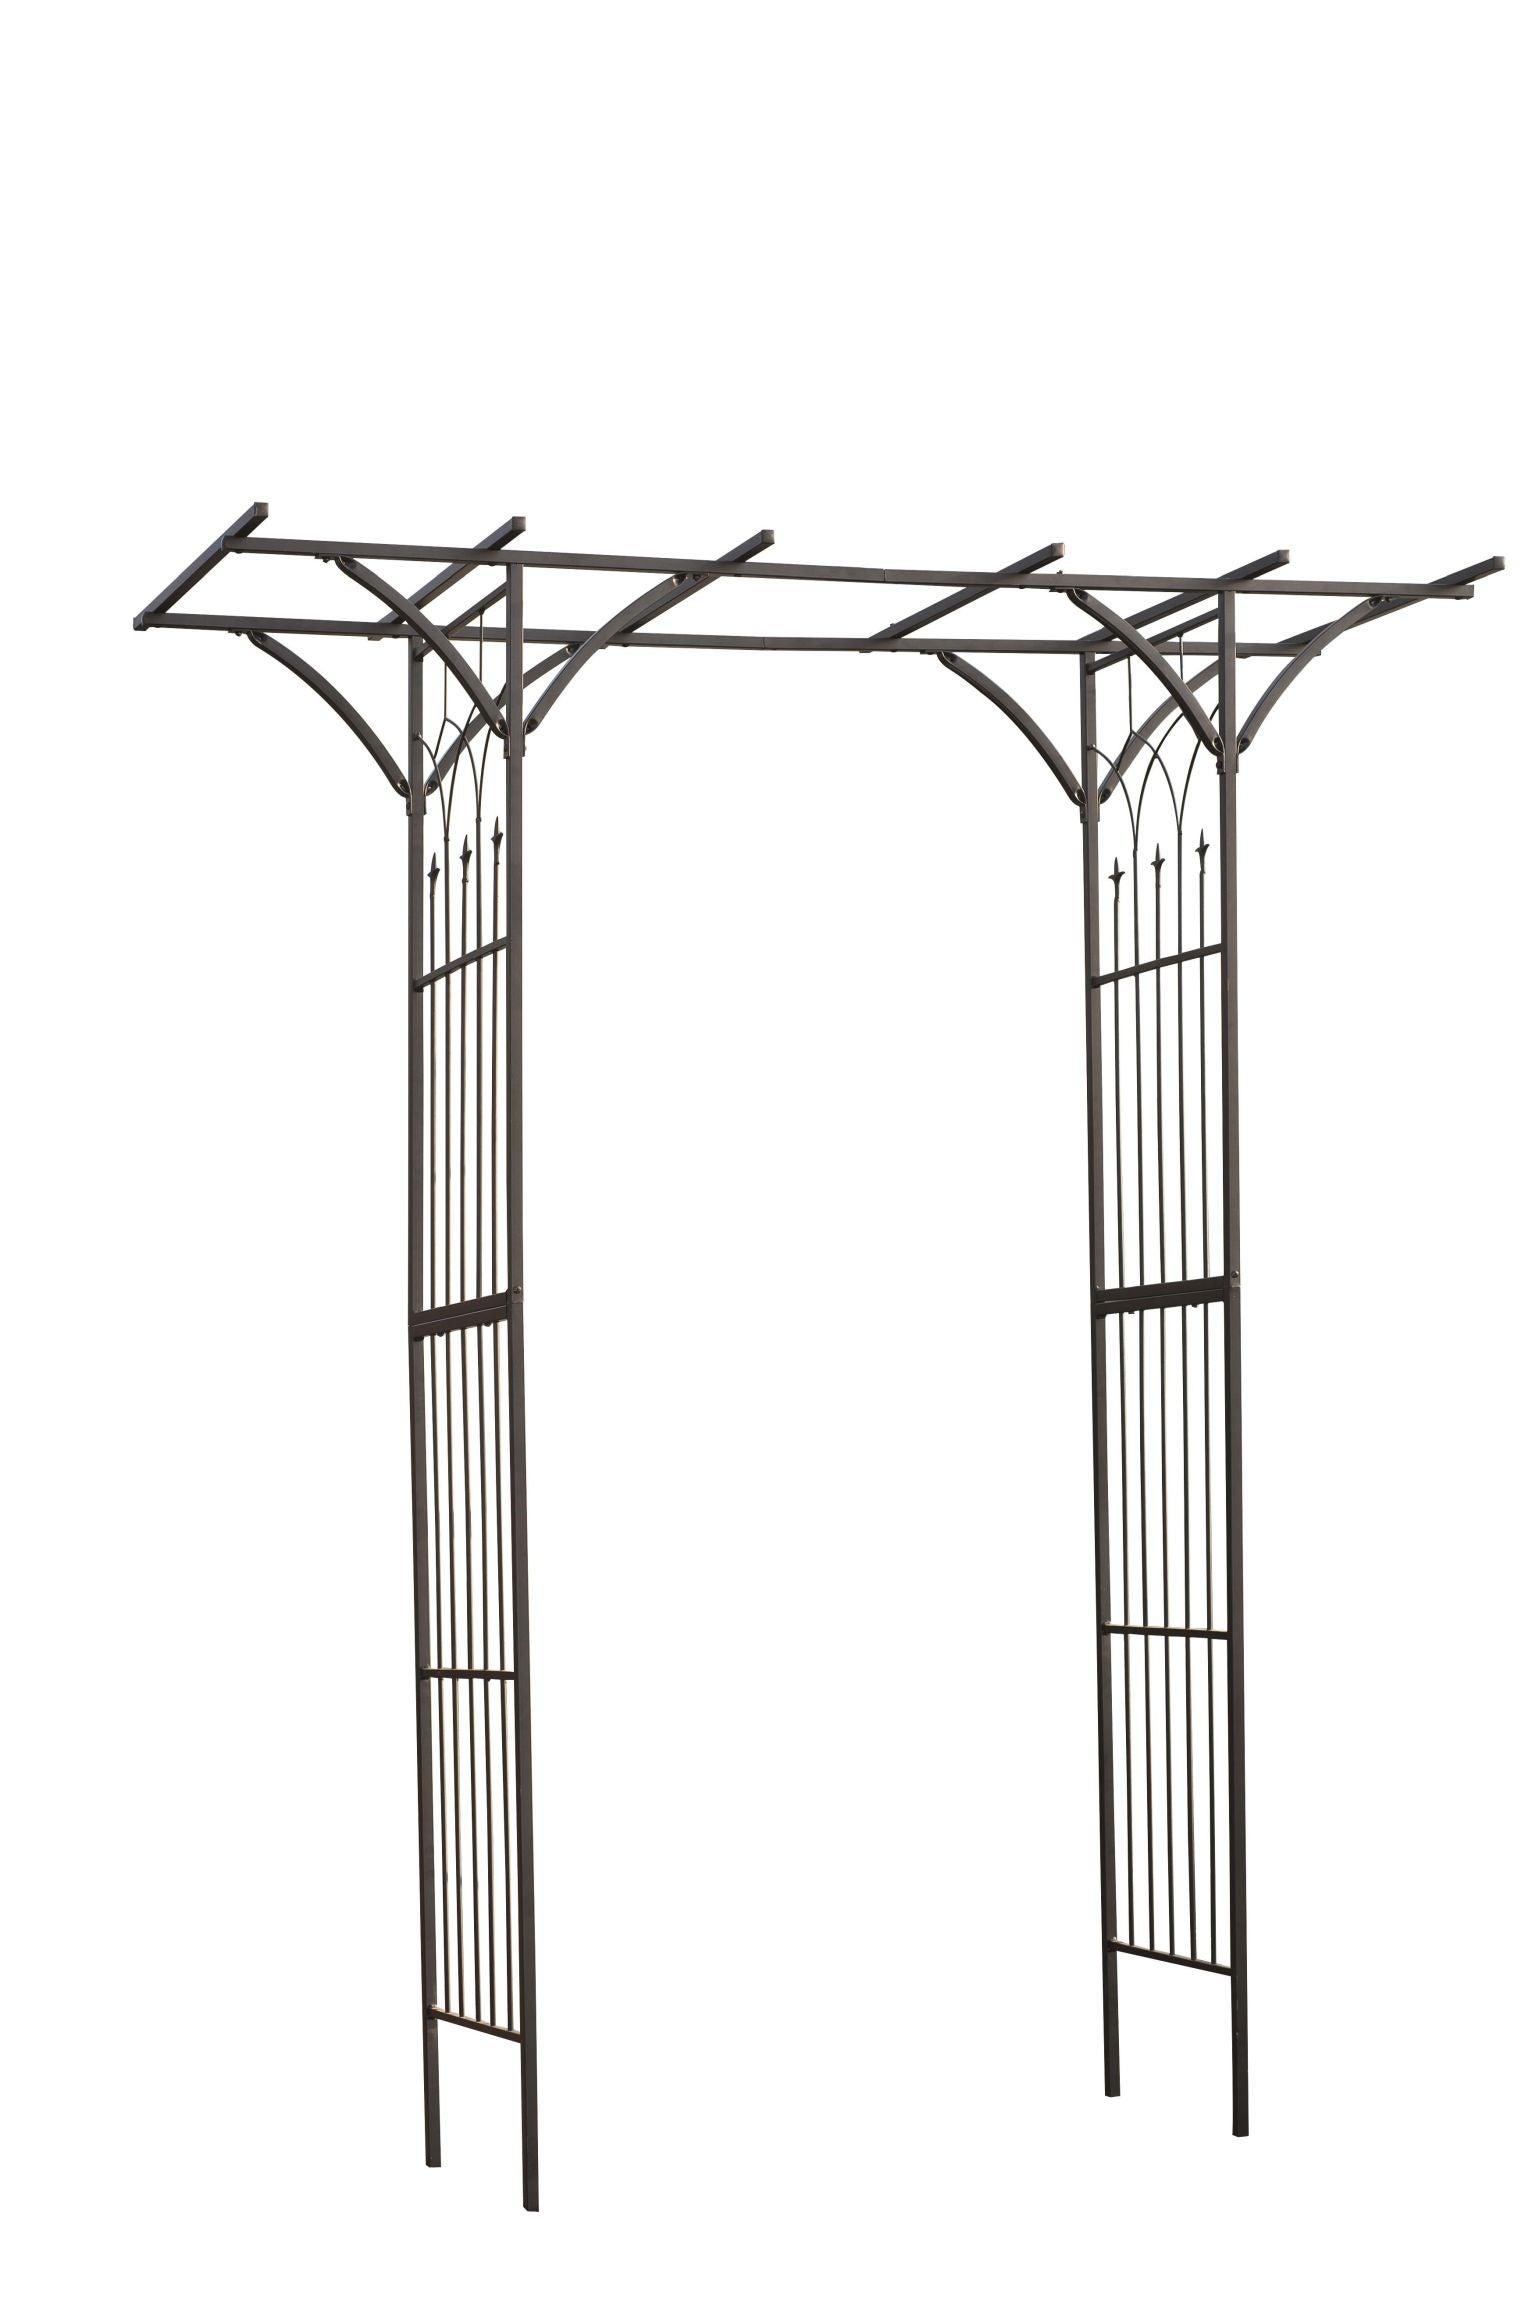 Pergola Arche Double Droite Nature En Acier Galvanise Laque Noir H 232x114x66cm Leroy Merlin